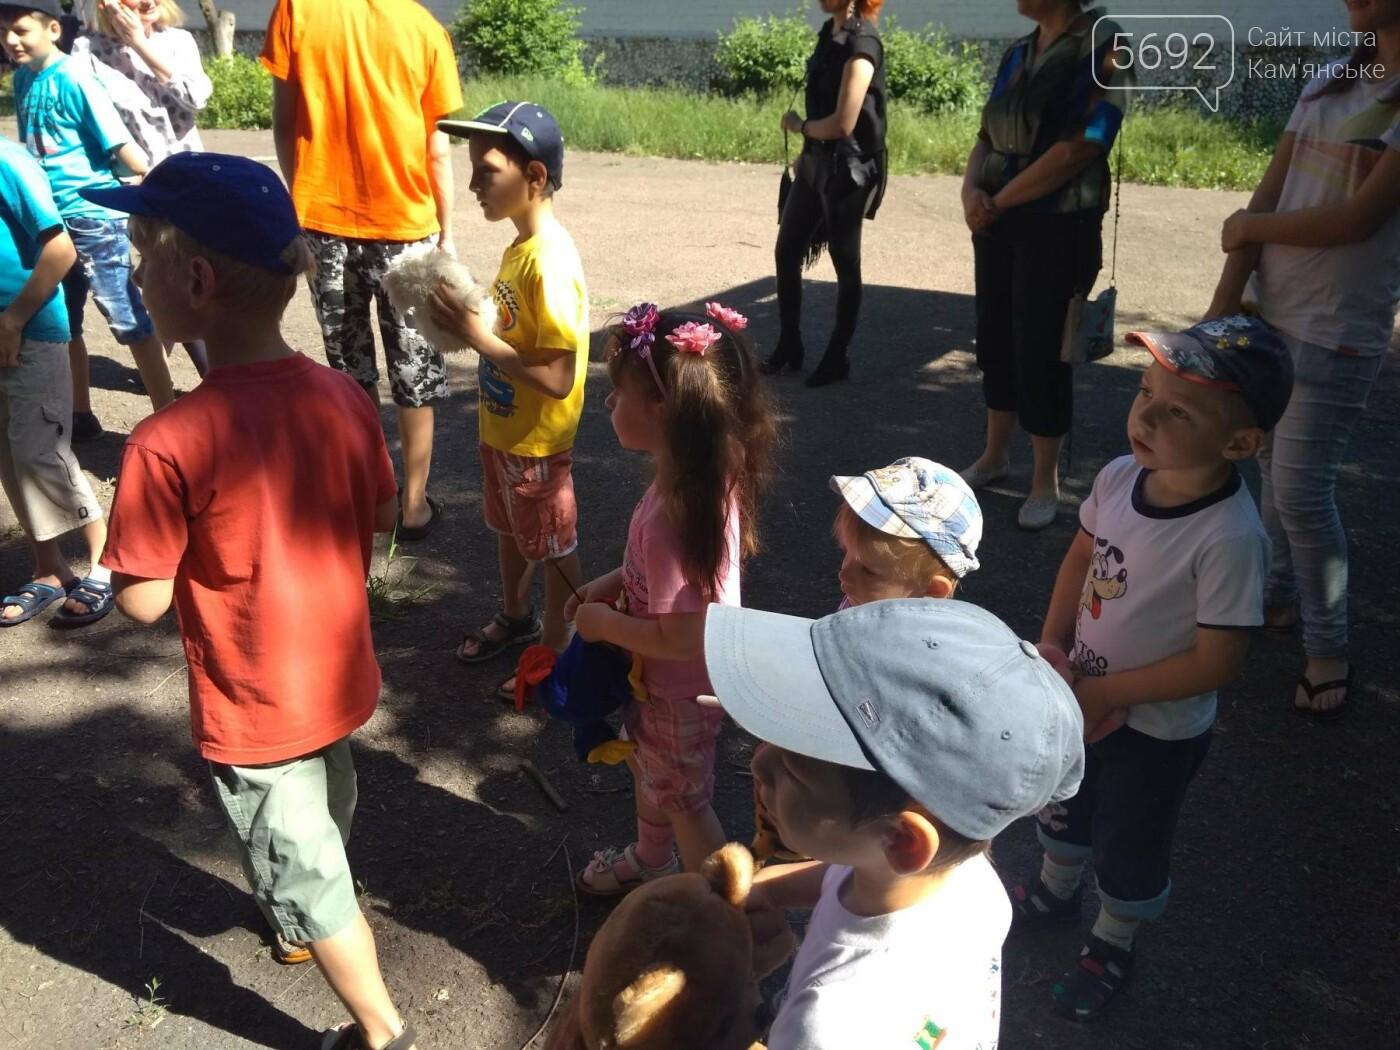 Байкеры Каменского прокатили на мотоциклах детей-сирот, фото-8